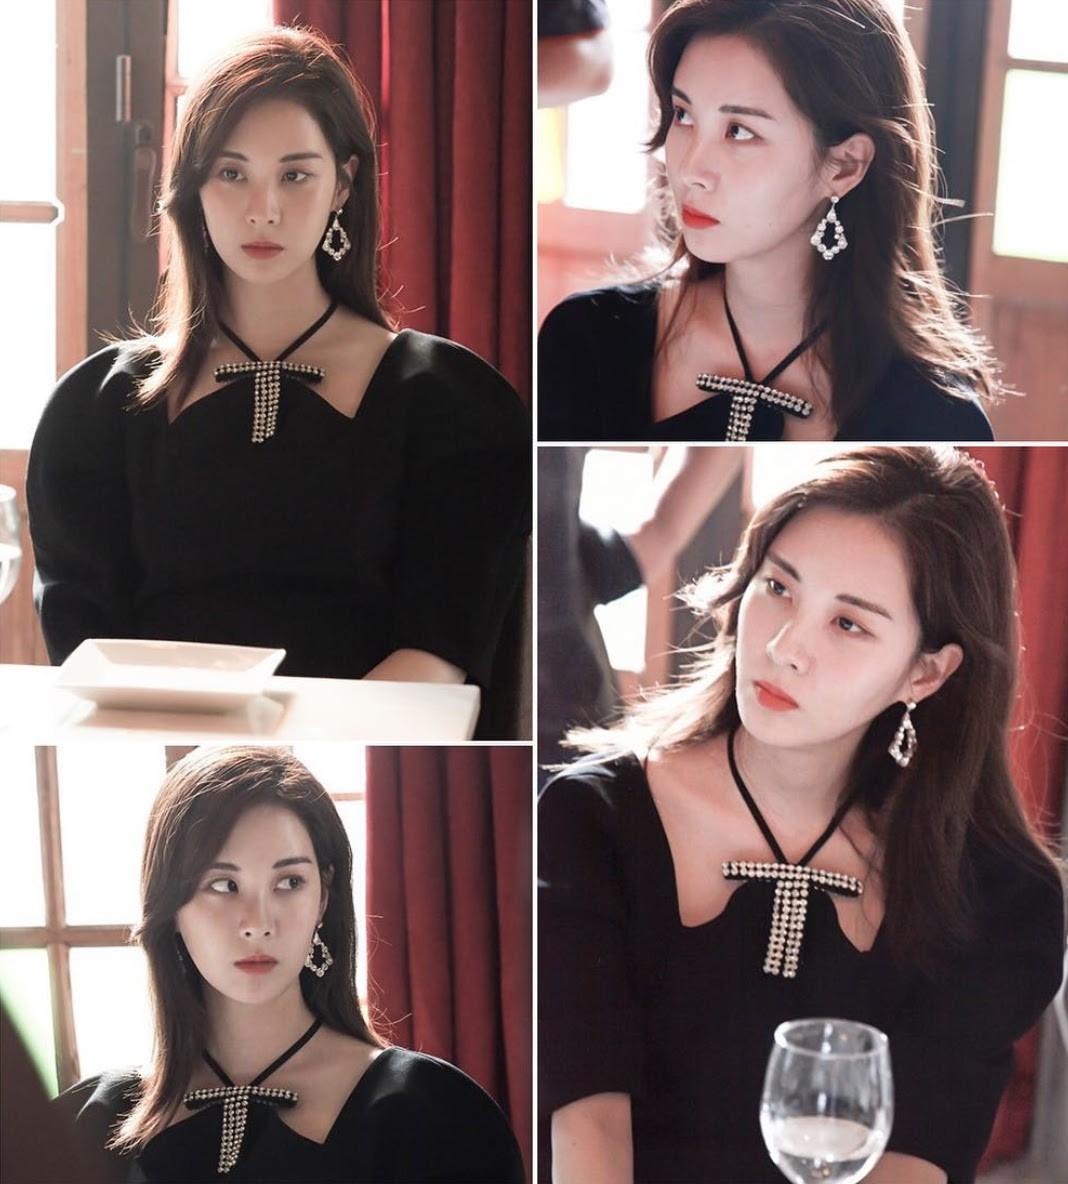 """Xinh xắn lại còn hack dáng, chẳng trách Jessica, Seohyun (SNSD), Jisoo (Black Pink) và Chungha đều cùng """"đối đầu"""" với mẫu váy này - Ảnh 4."""